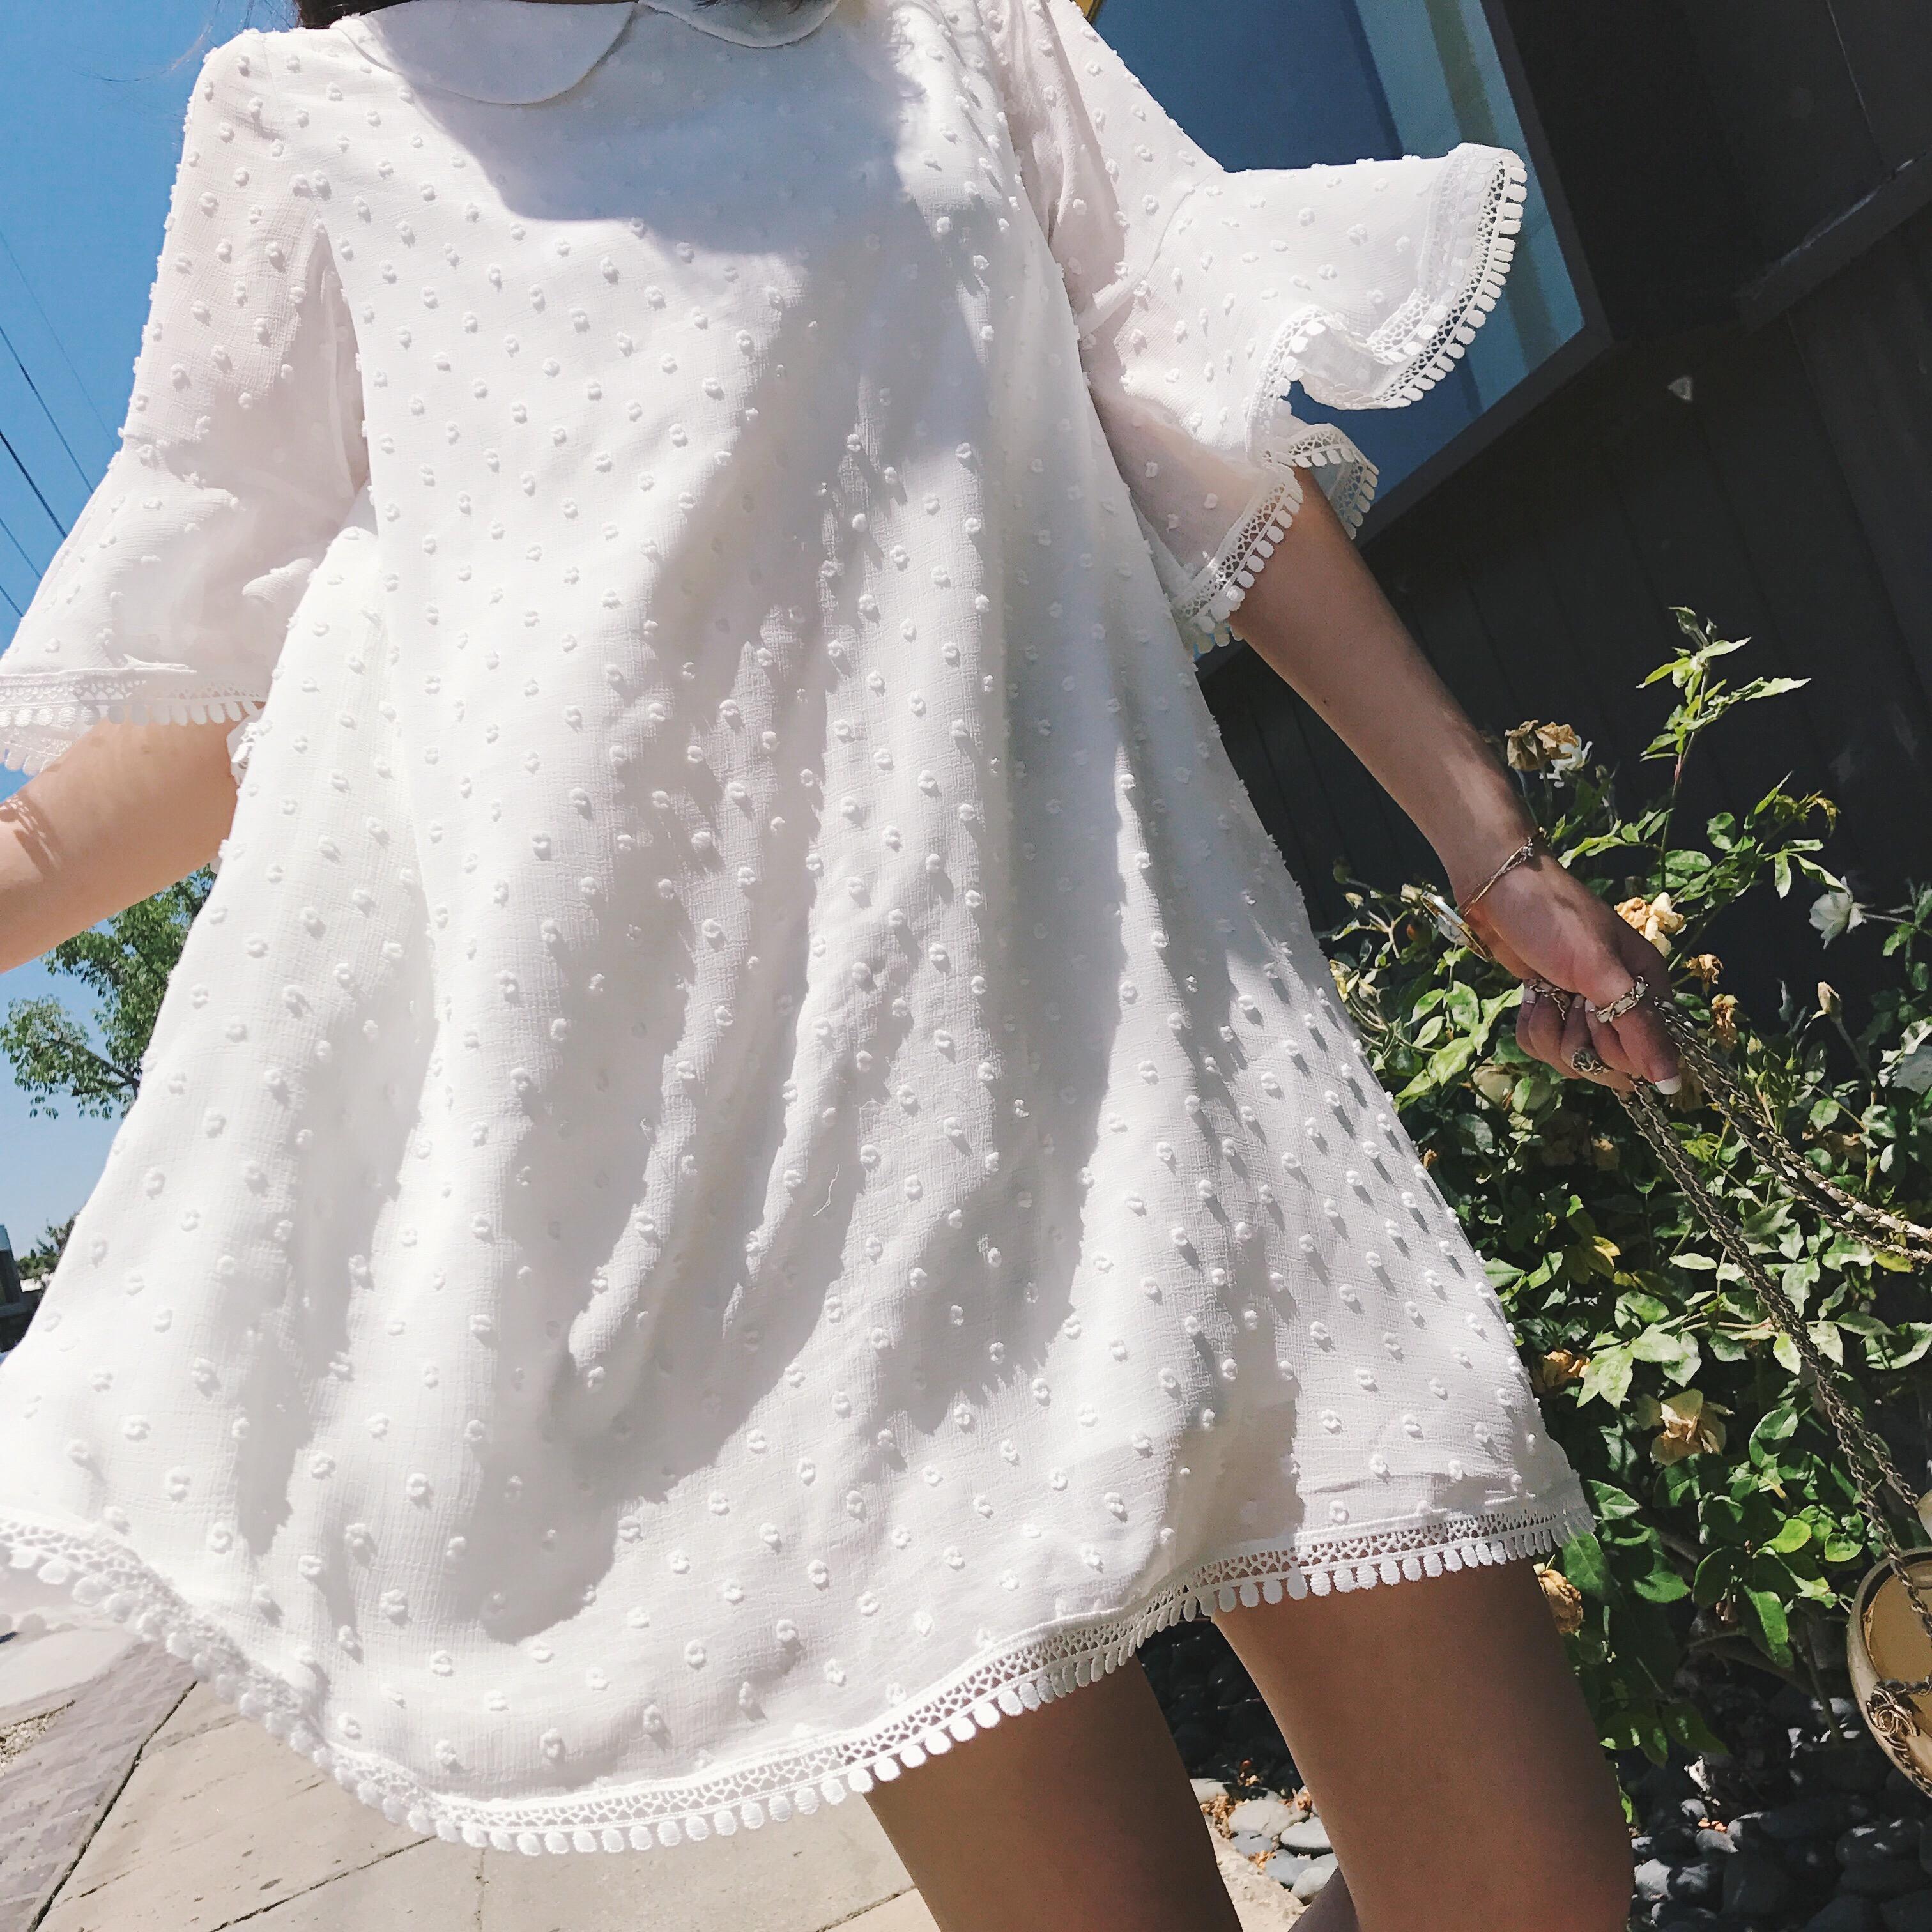 钱夫人CHINSTUDIO 喇叭袖蕾丝拼接白色连衣裙女夏气质娃娃领A字裙